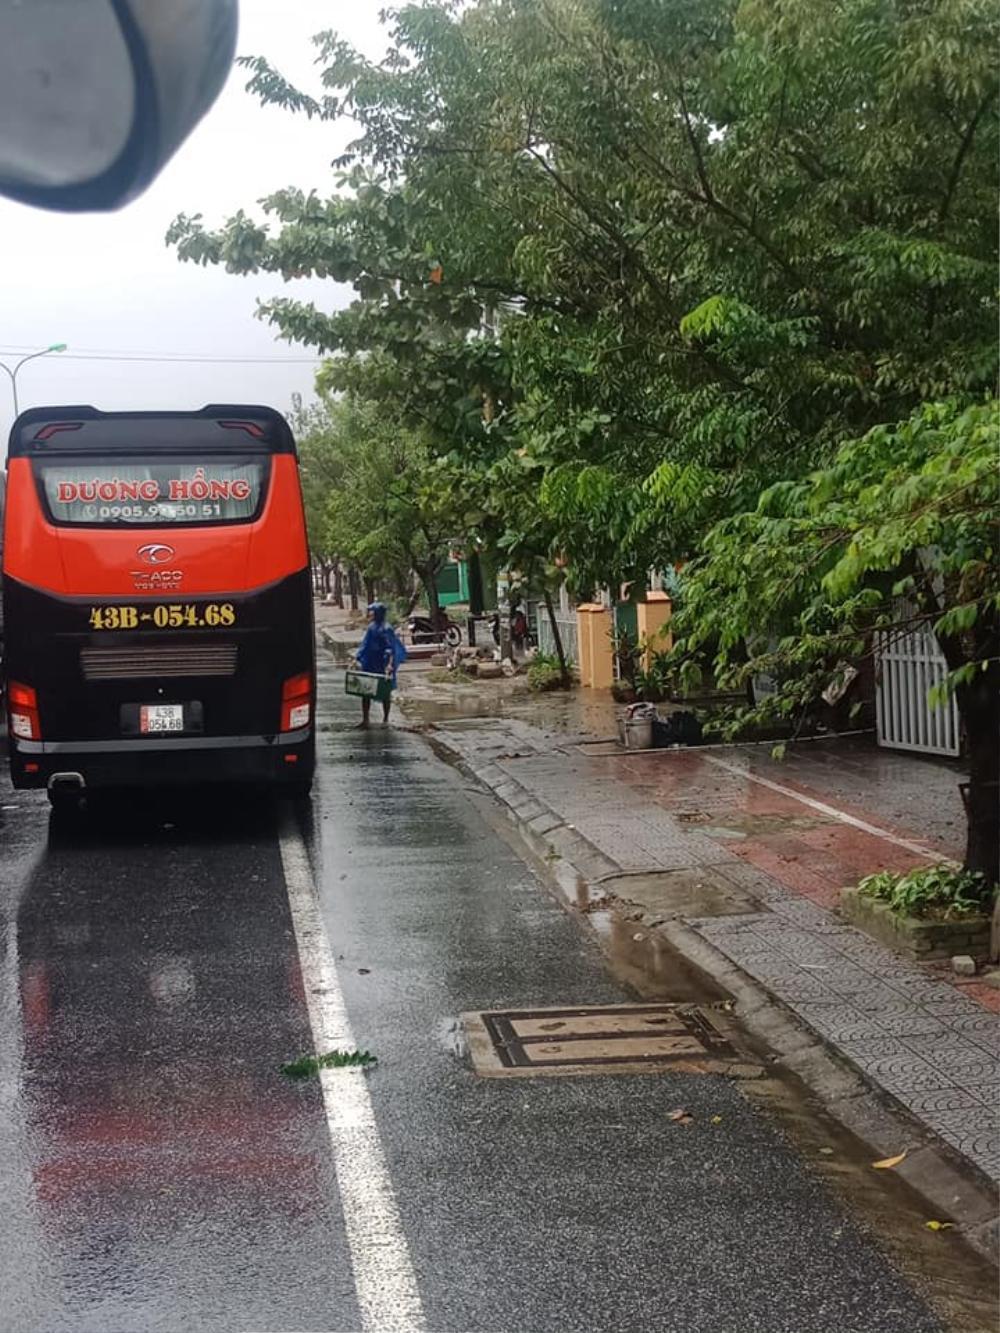 Ấm lòng chuyện người dân Huế gõ cửa từng xe trú bão để phát cơm miễn phí bấp chấp mưa gió Ảnh 3